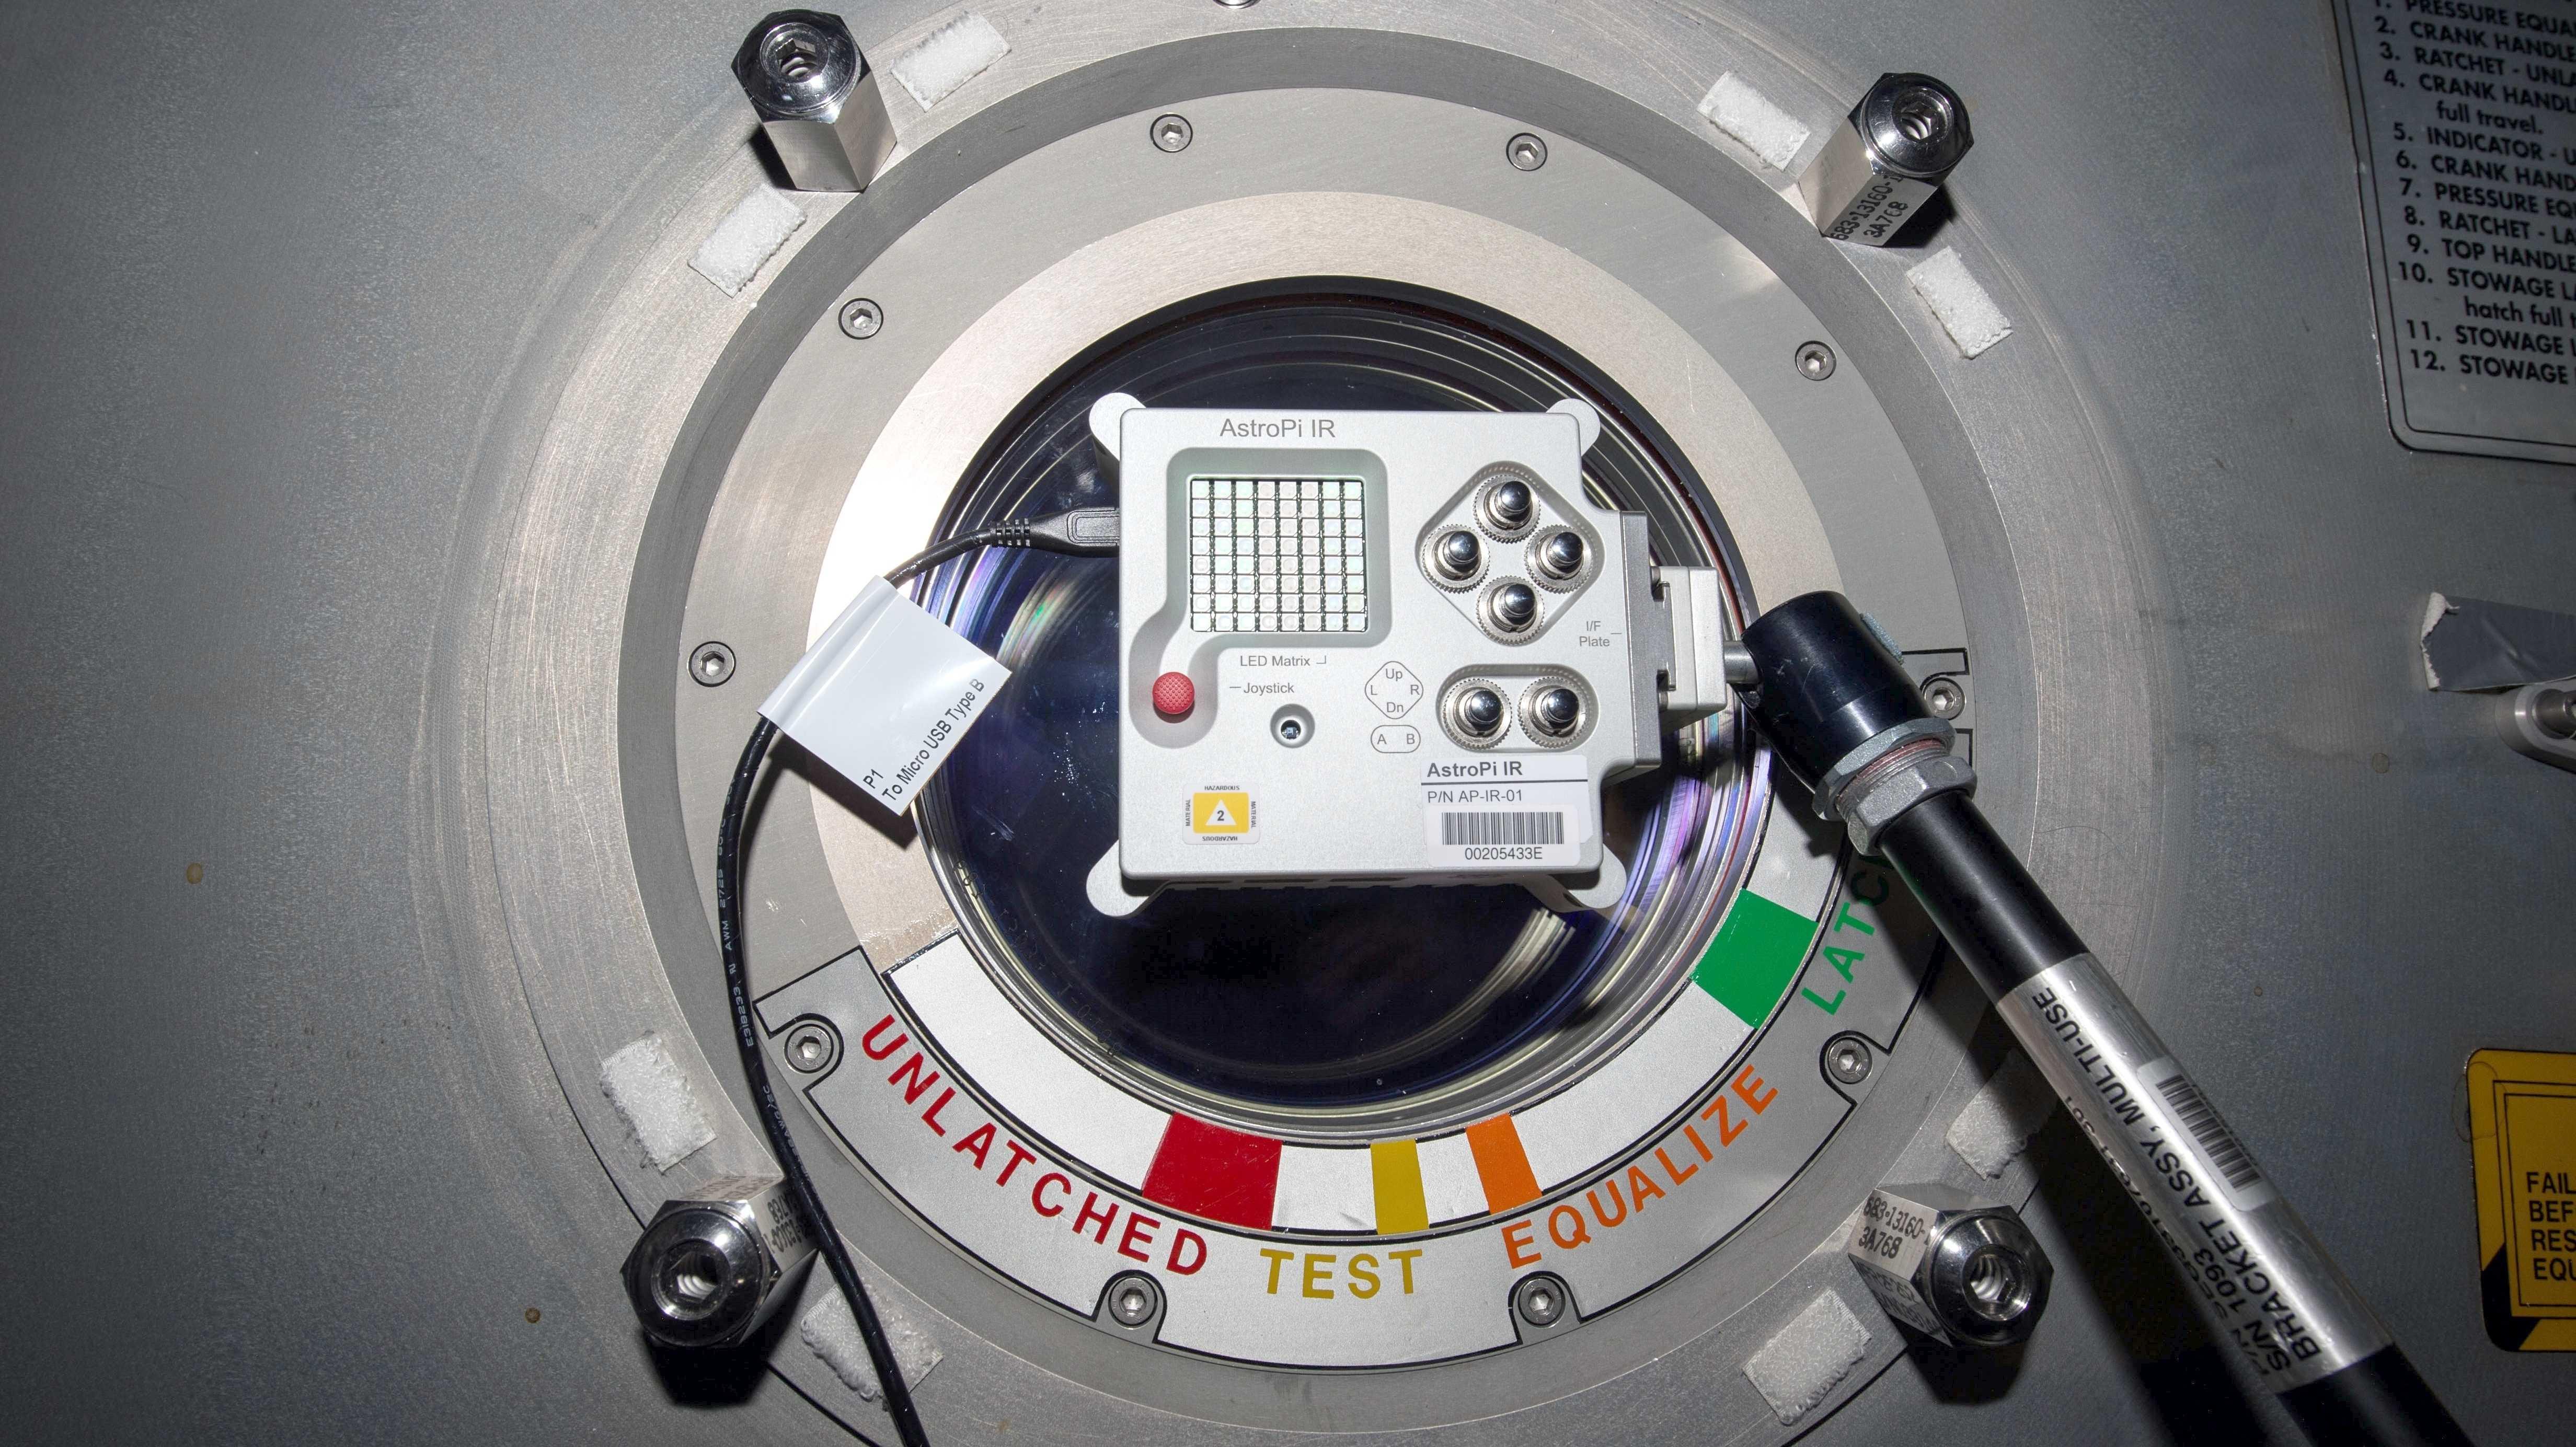 Astro Pi im Metallgehäuse in der ISS